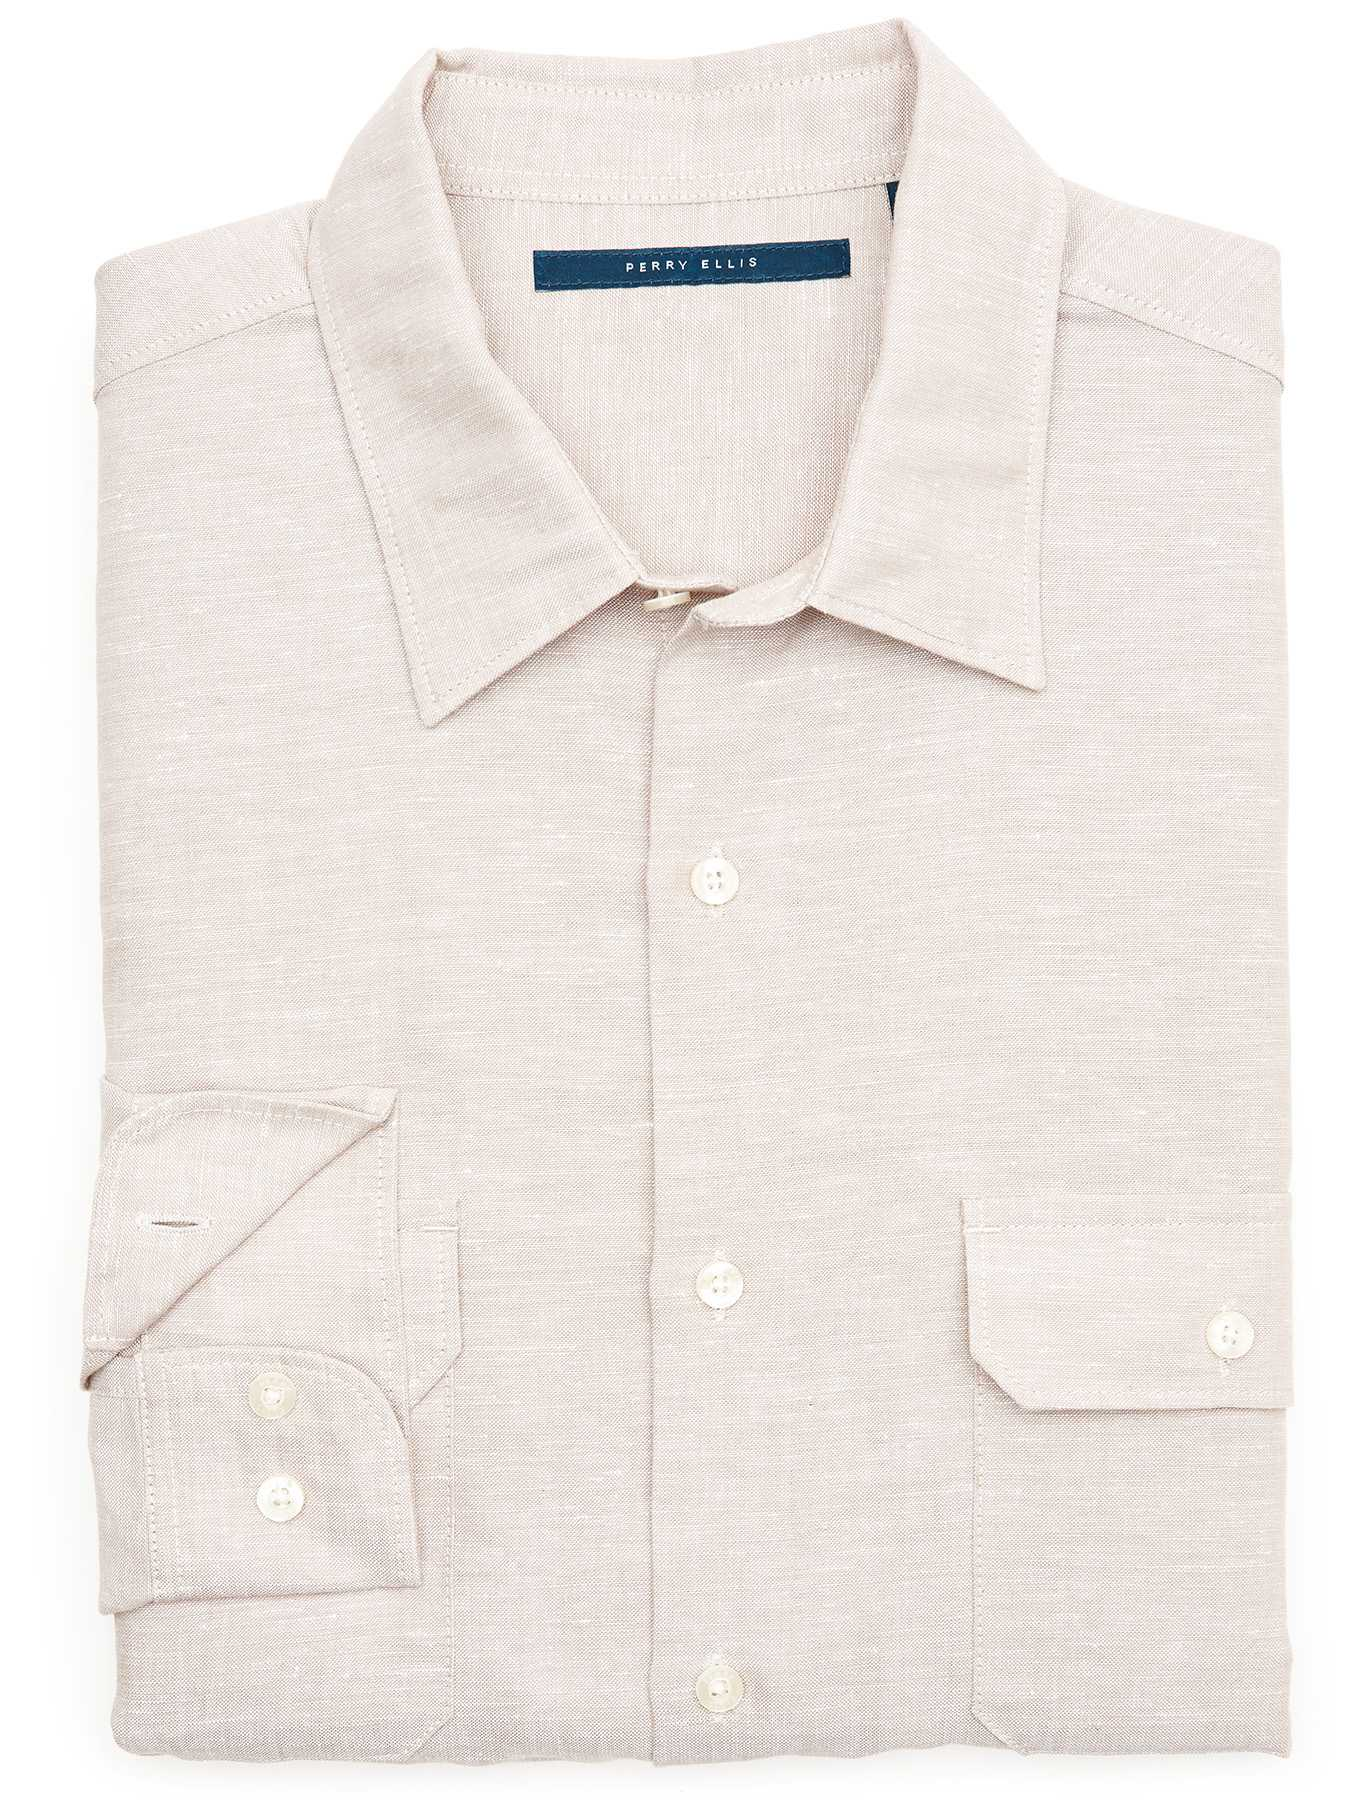 Perry Ellis Solid Linen Pocket Shirt